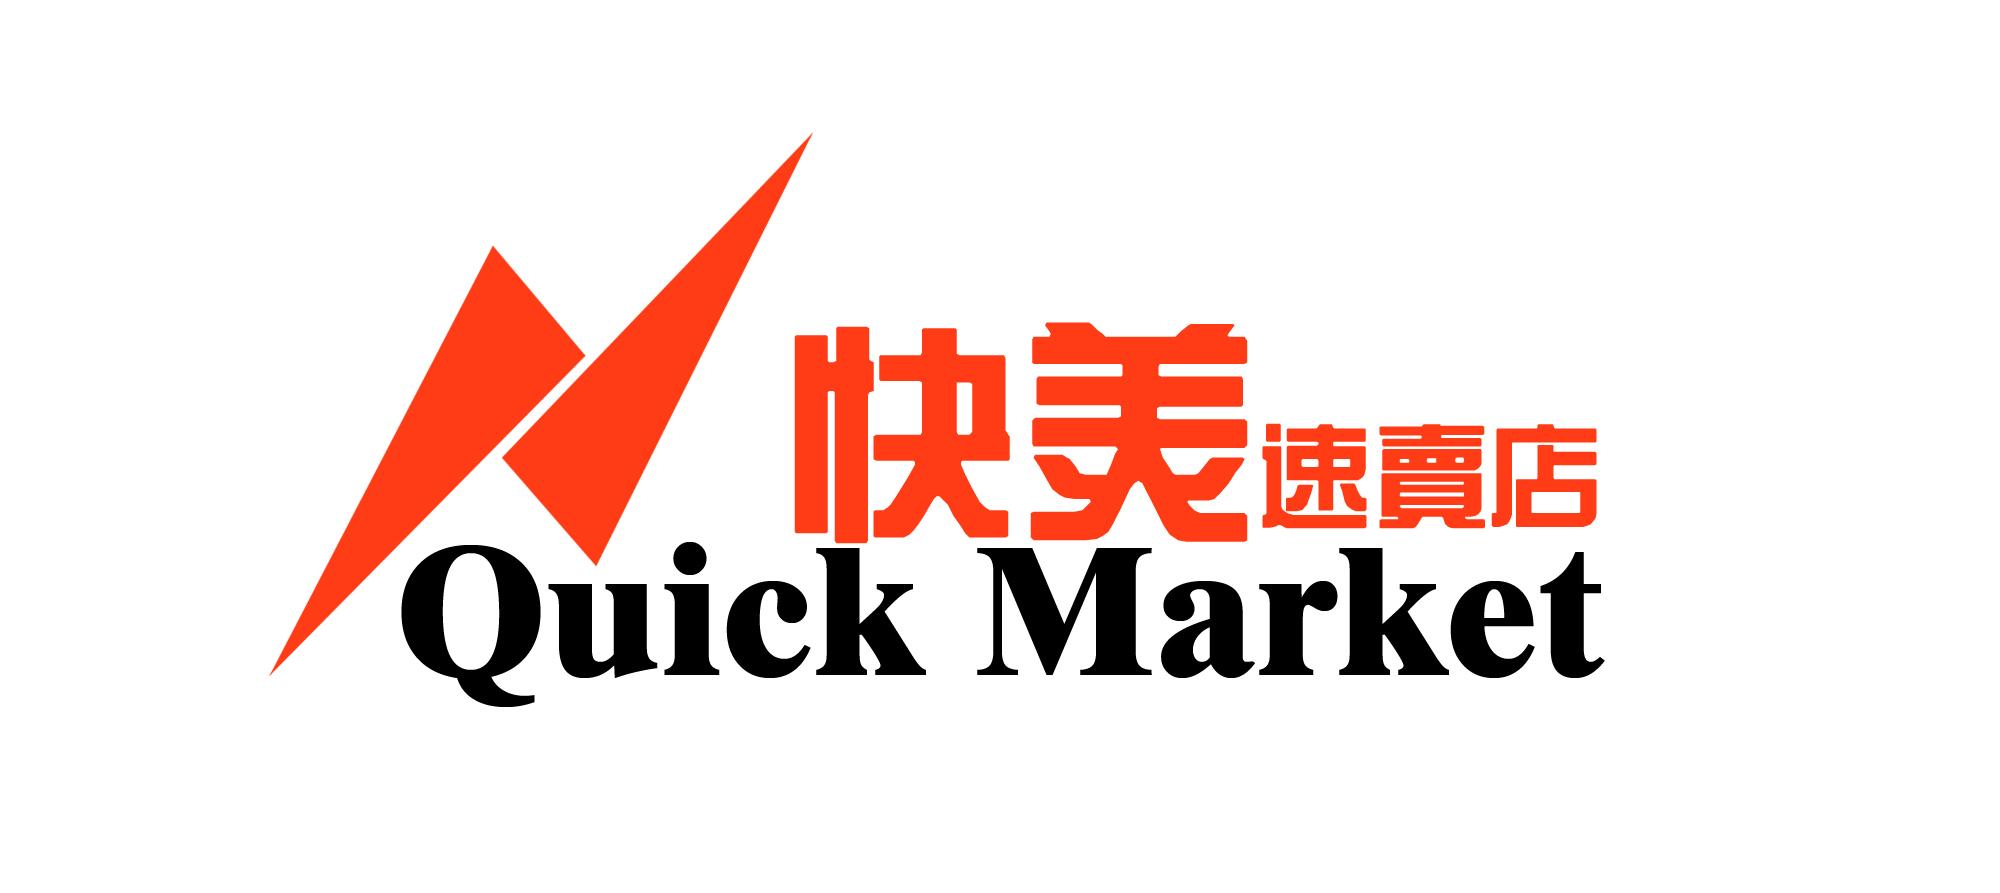 快美便利店logo/外卖名片/招牌(内容精简)图片